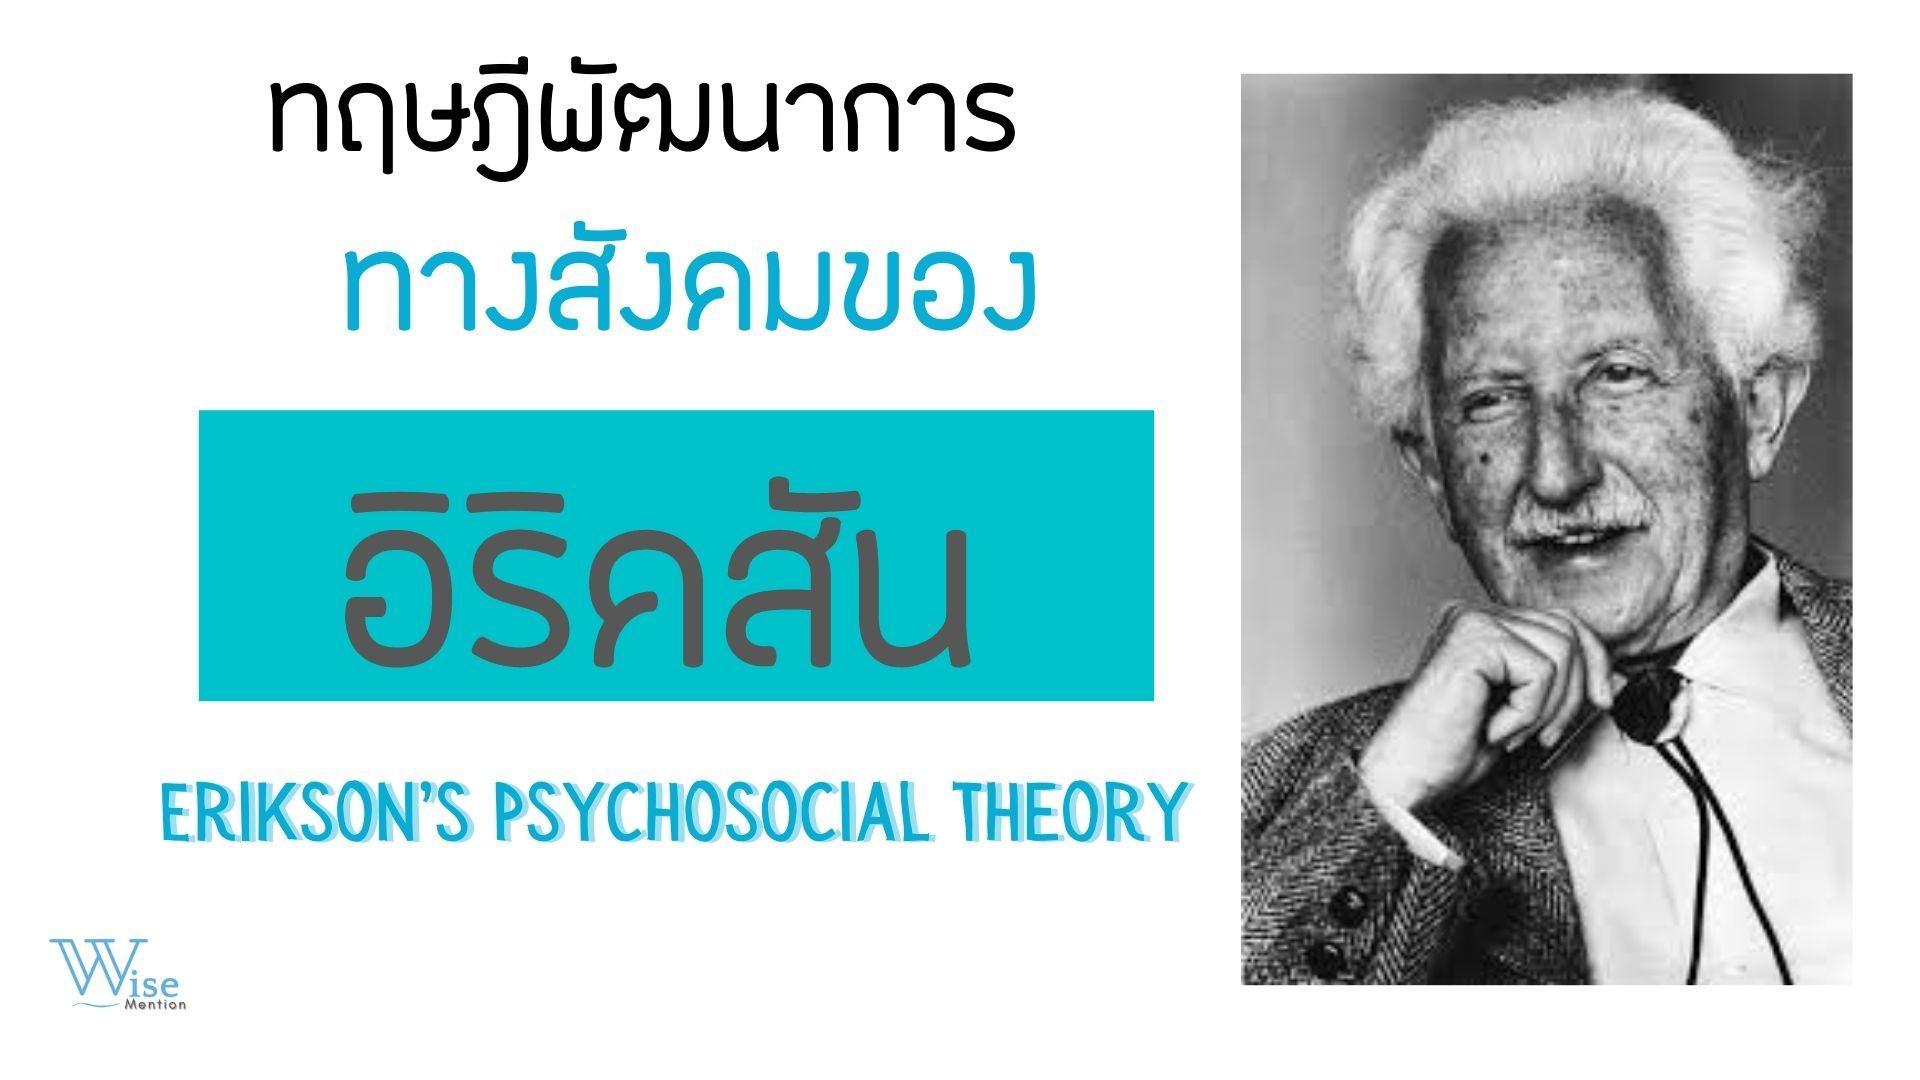 ทฤษฎีจิตสังคมของอิริคสัน